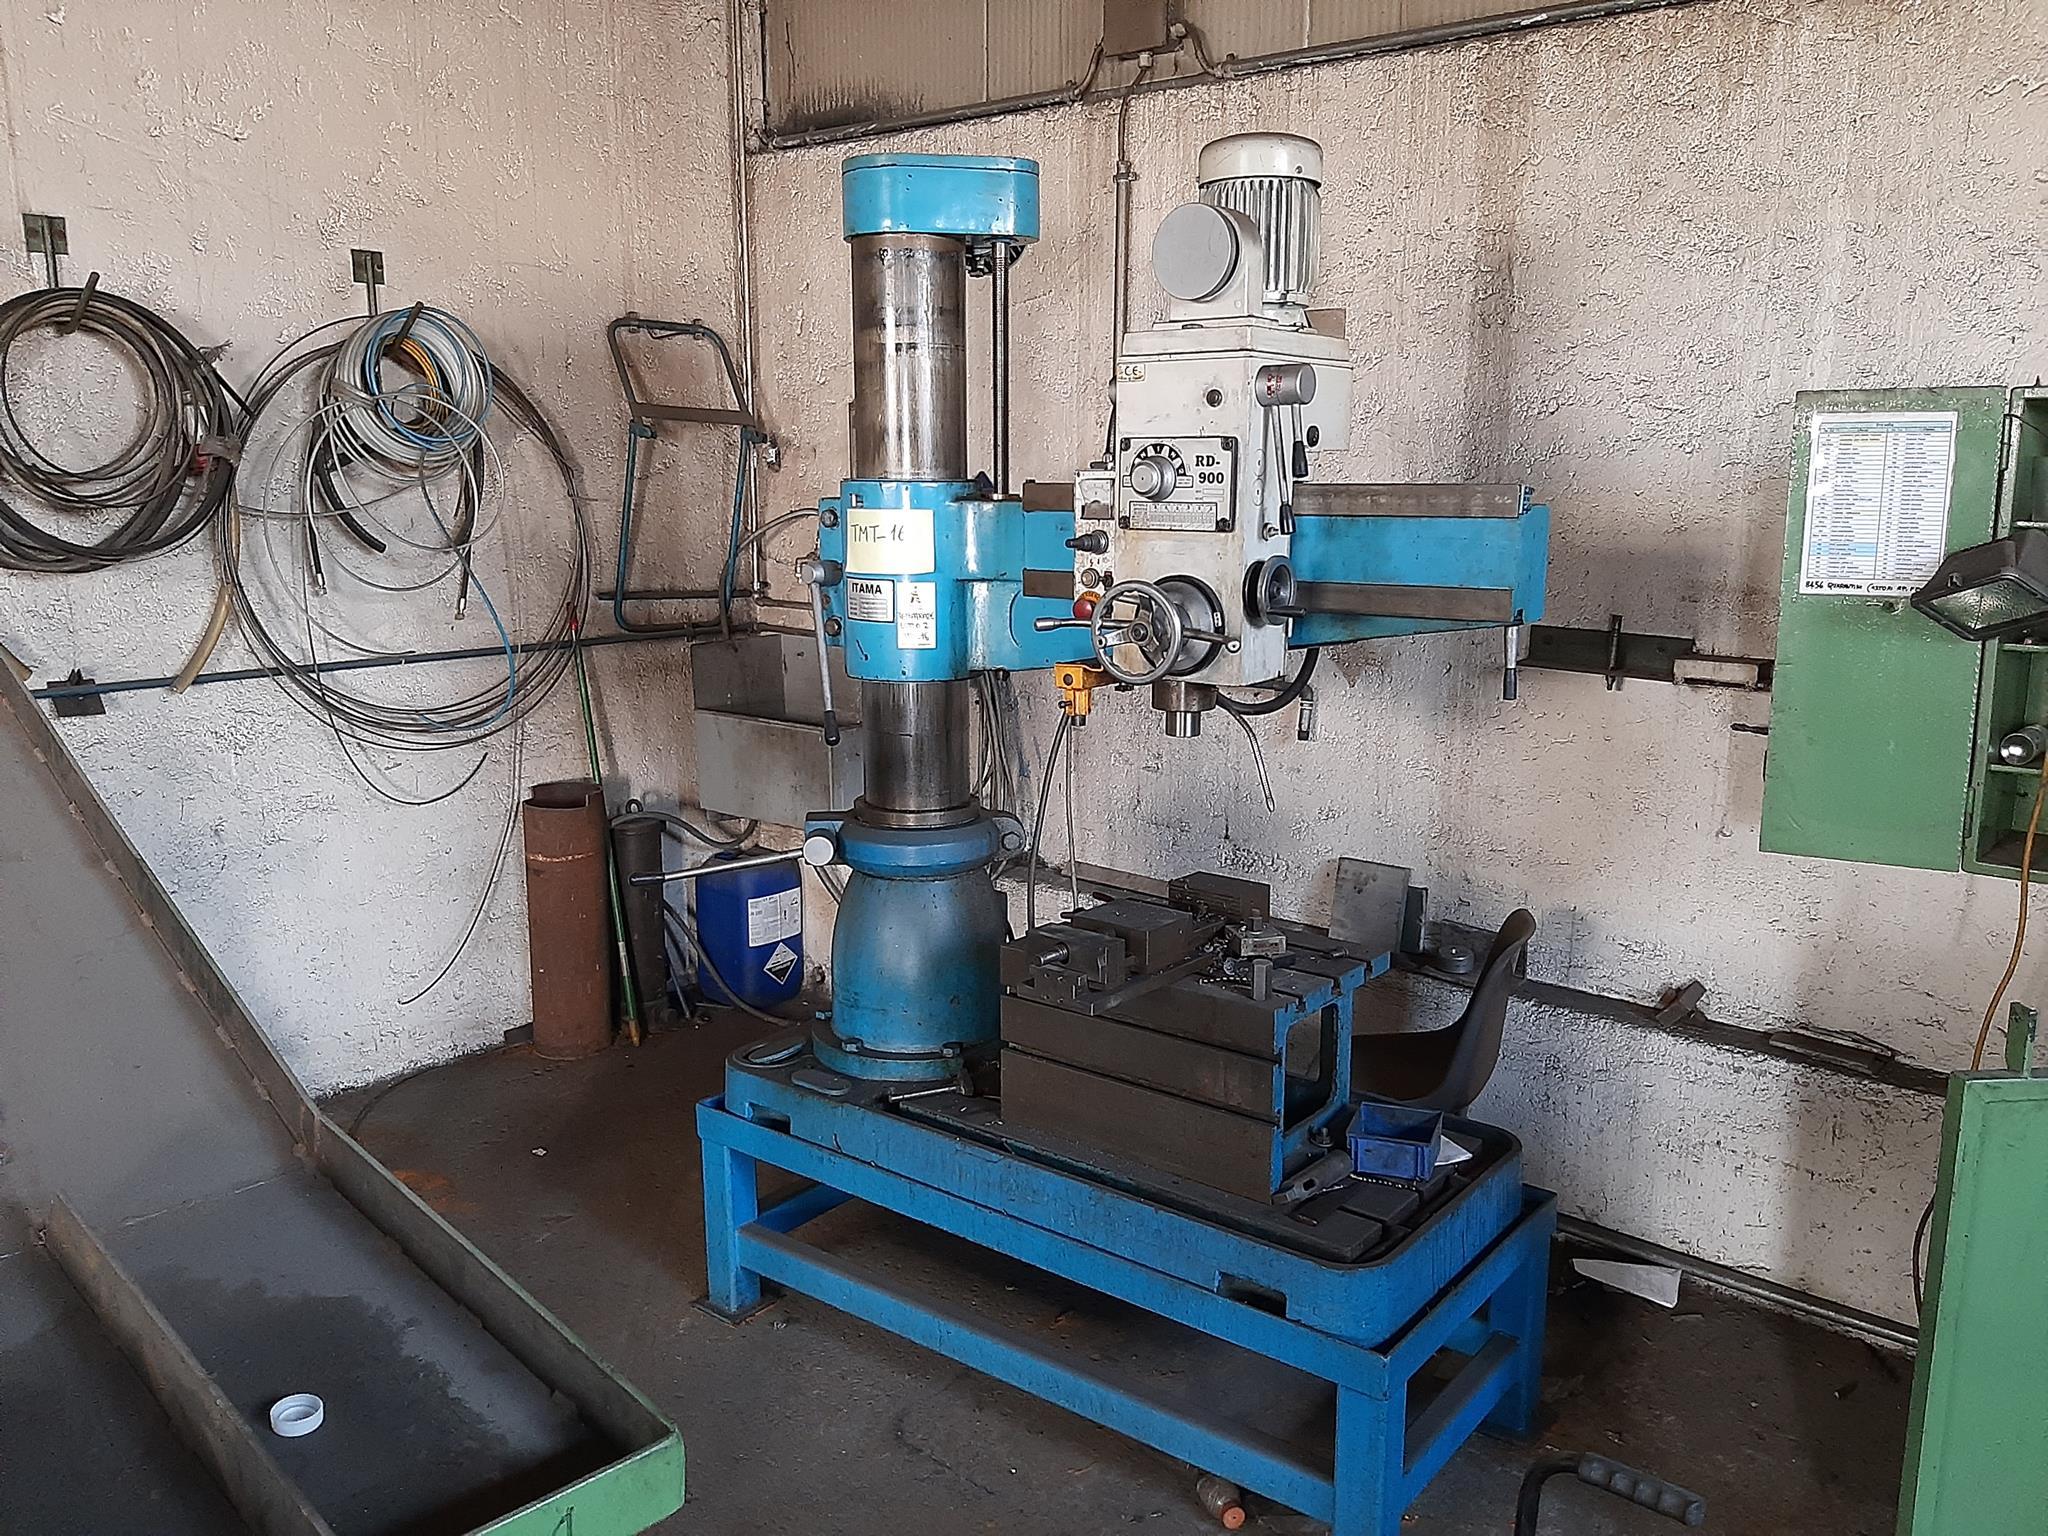 Trapano radiale Itama e materiale ferroso vario in vendita - foto 7